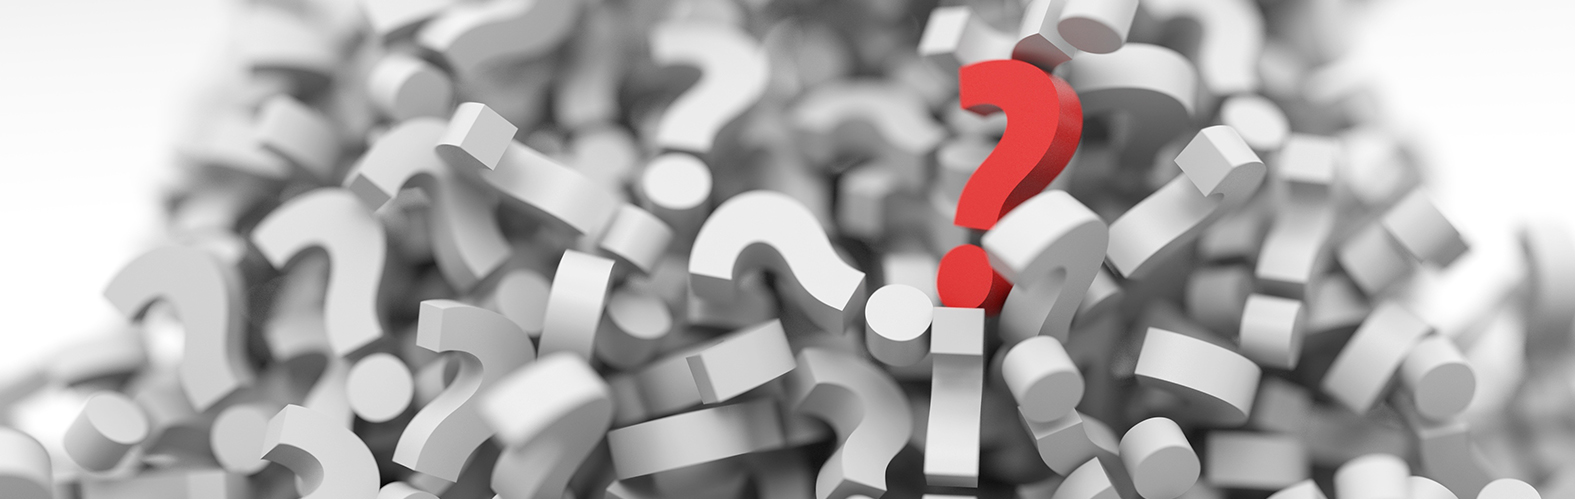 سوالات اسکنر سه بعدی